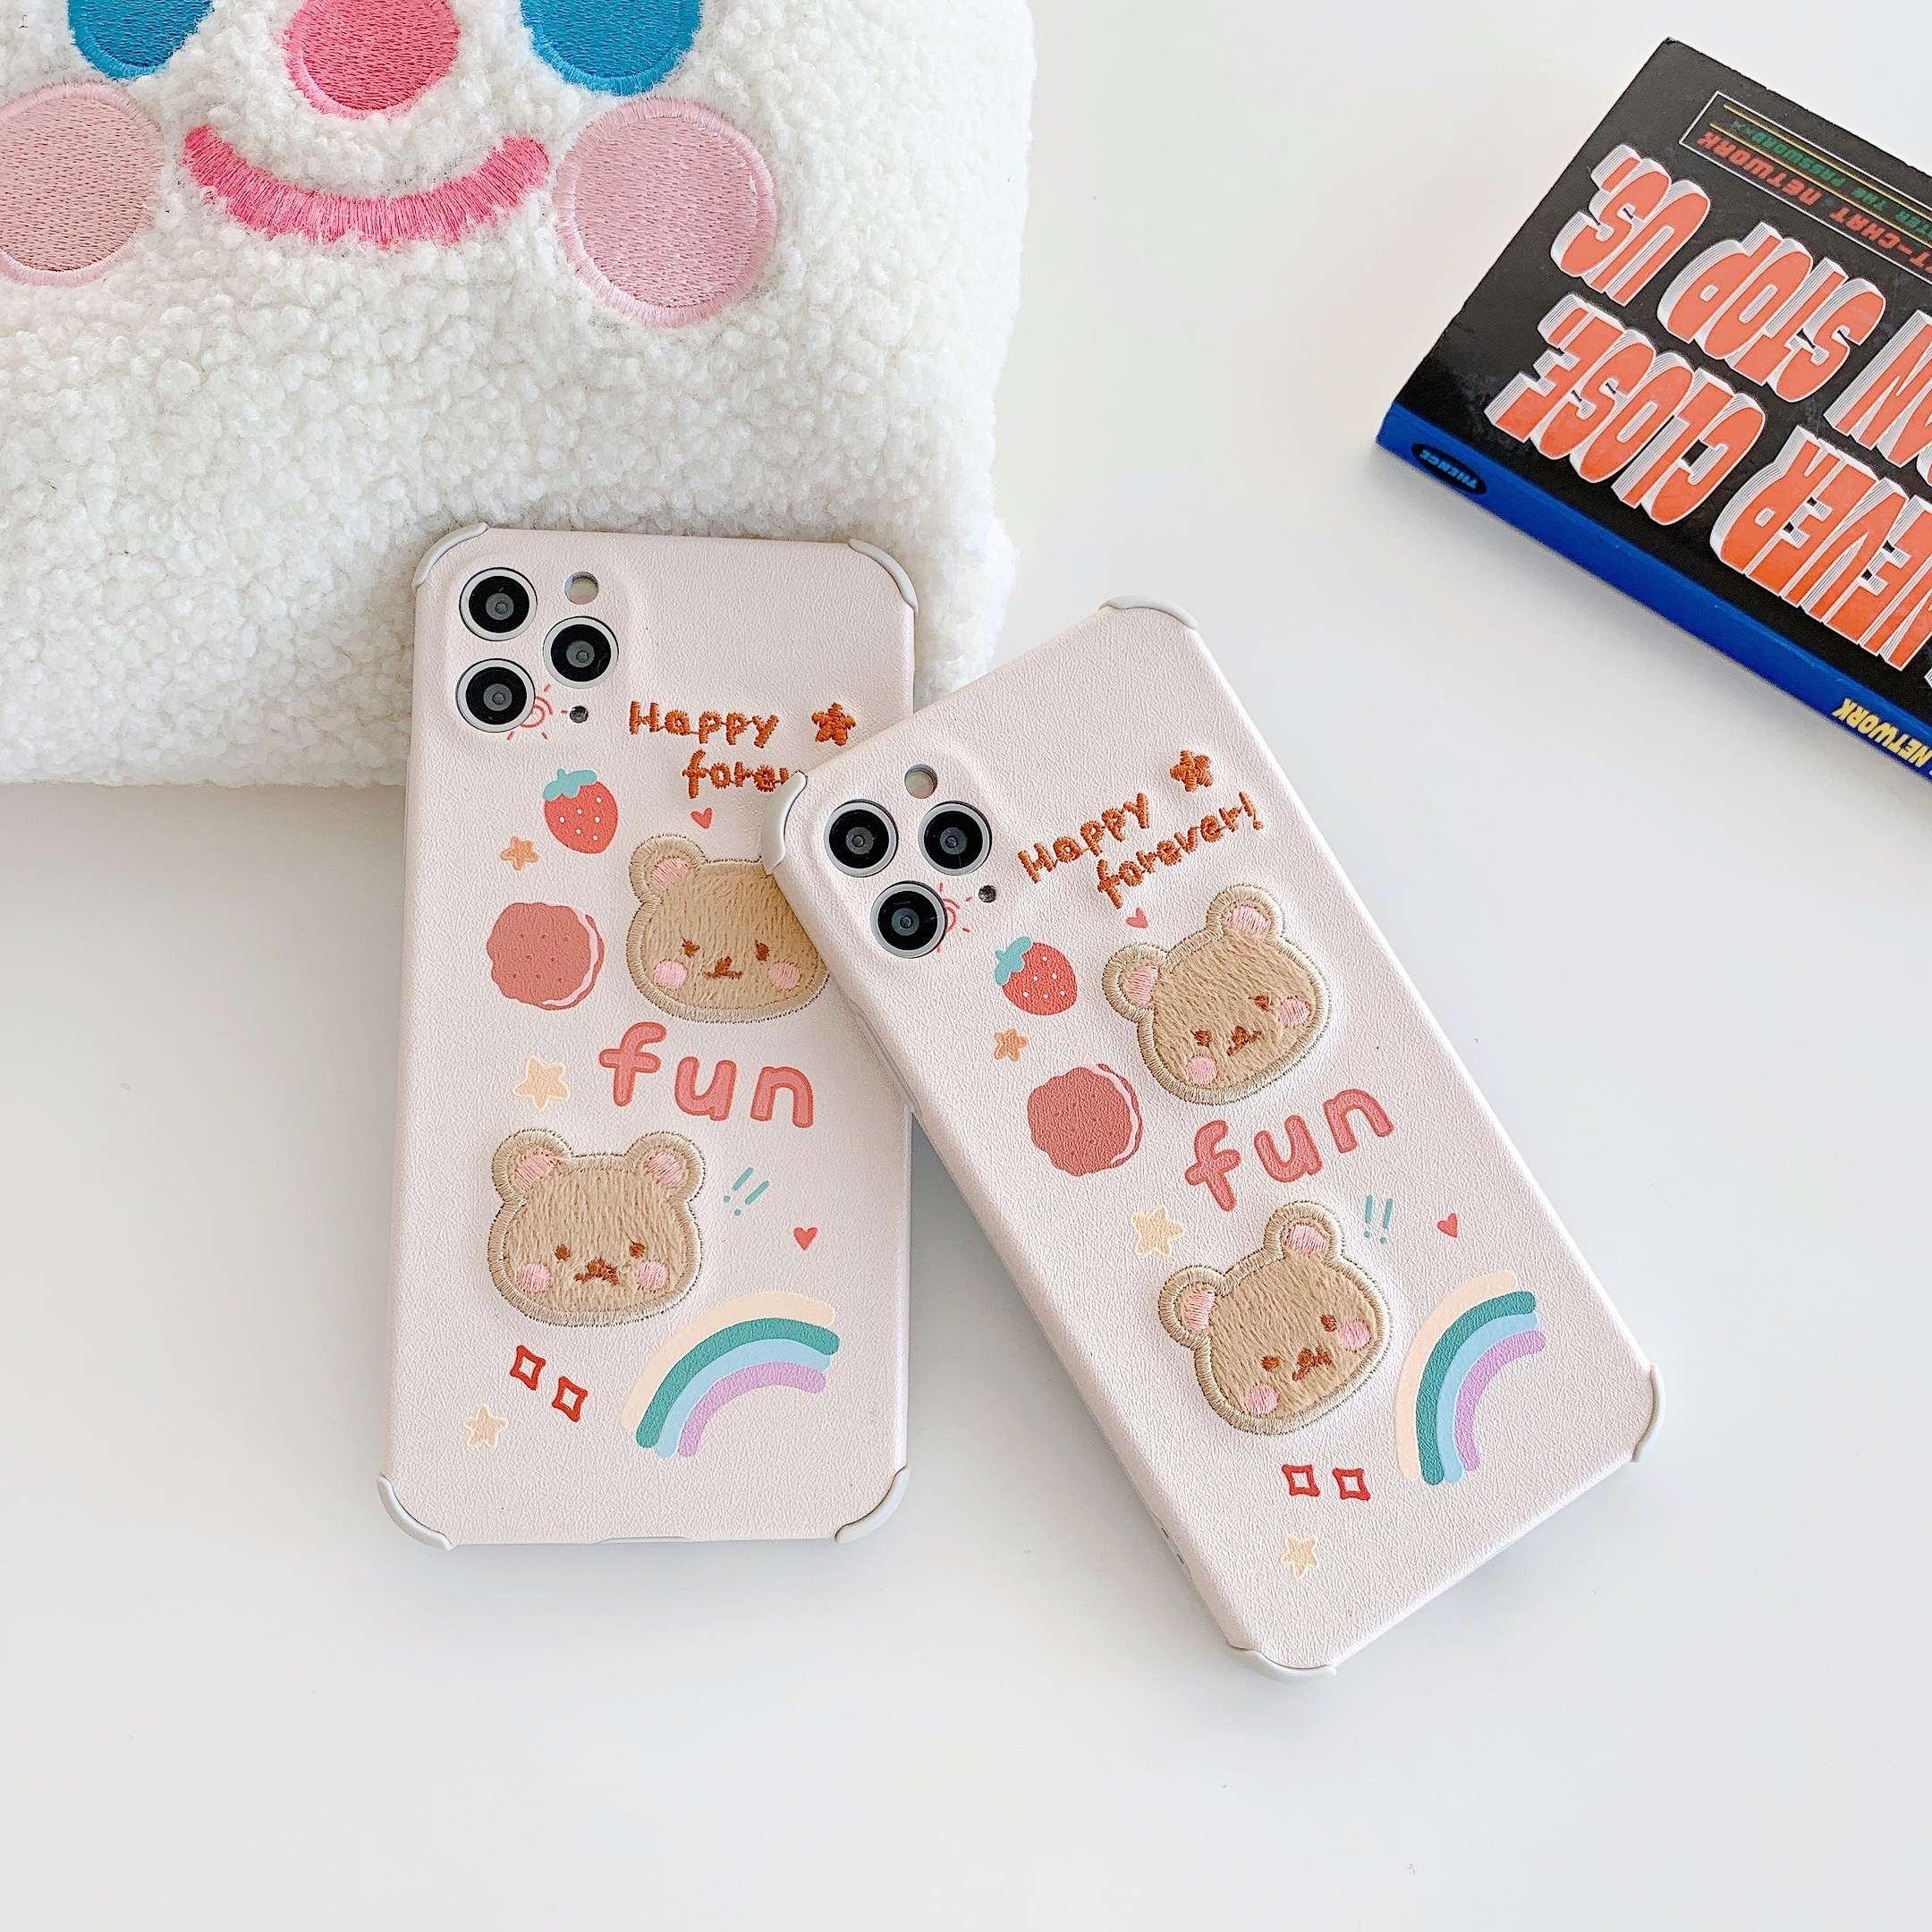 เคสโทรศัพท์มือถือ iPhone 11 iPhone 7/8 plus X XS XSMAX XR 11 PRO MAX เคสไอโฟนปักหัวหมีสองตัวพร้อมสตรอเบอร์รี่ป้องกันการตก